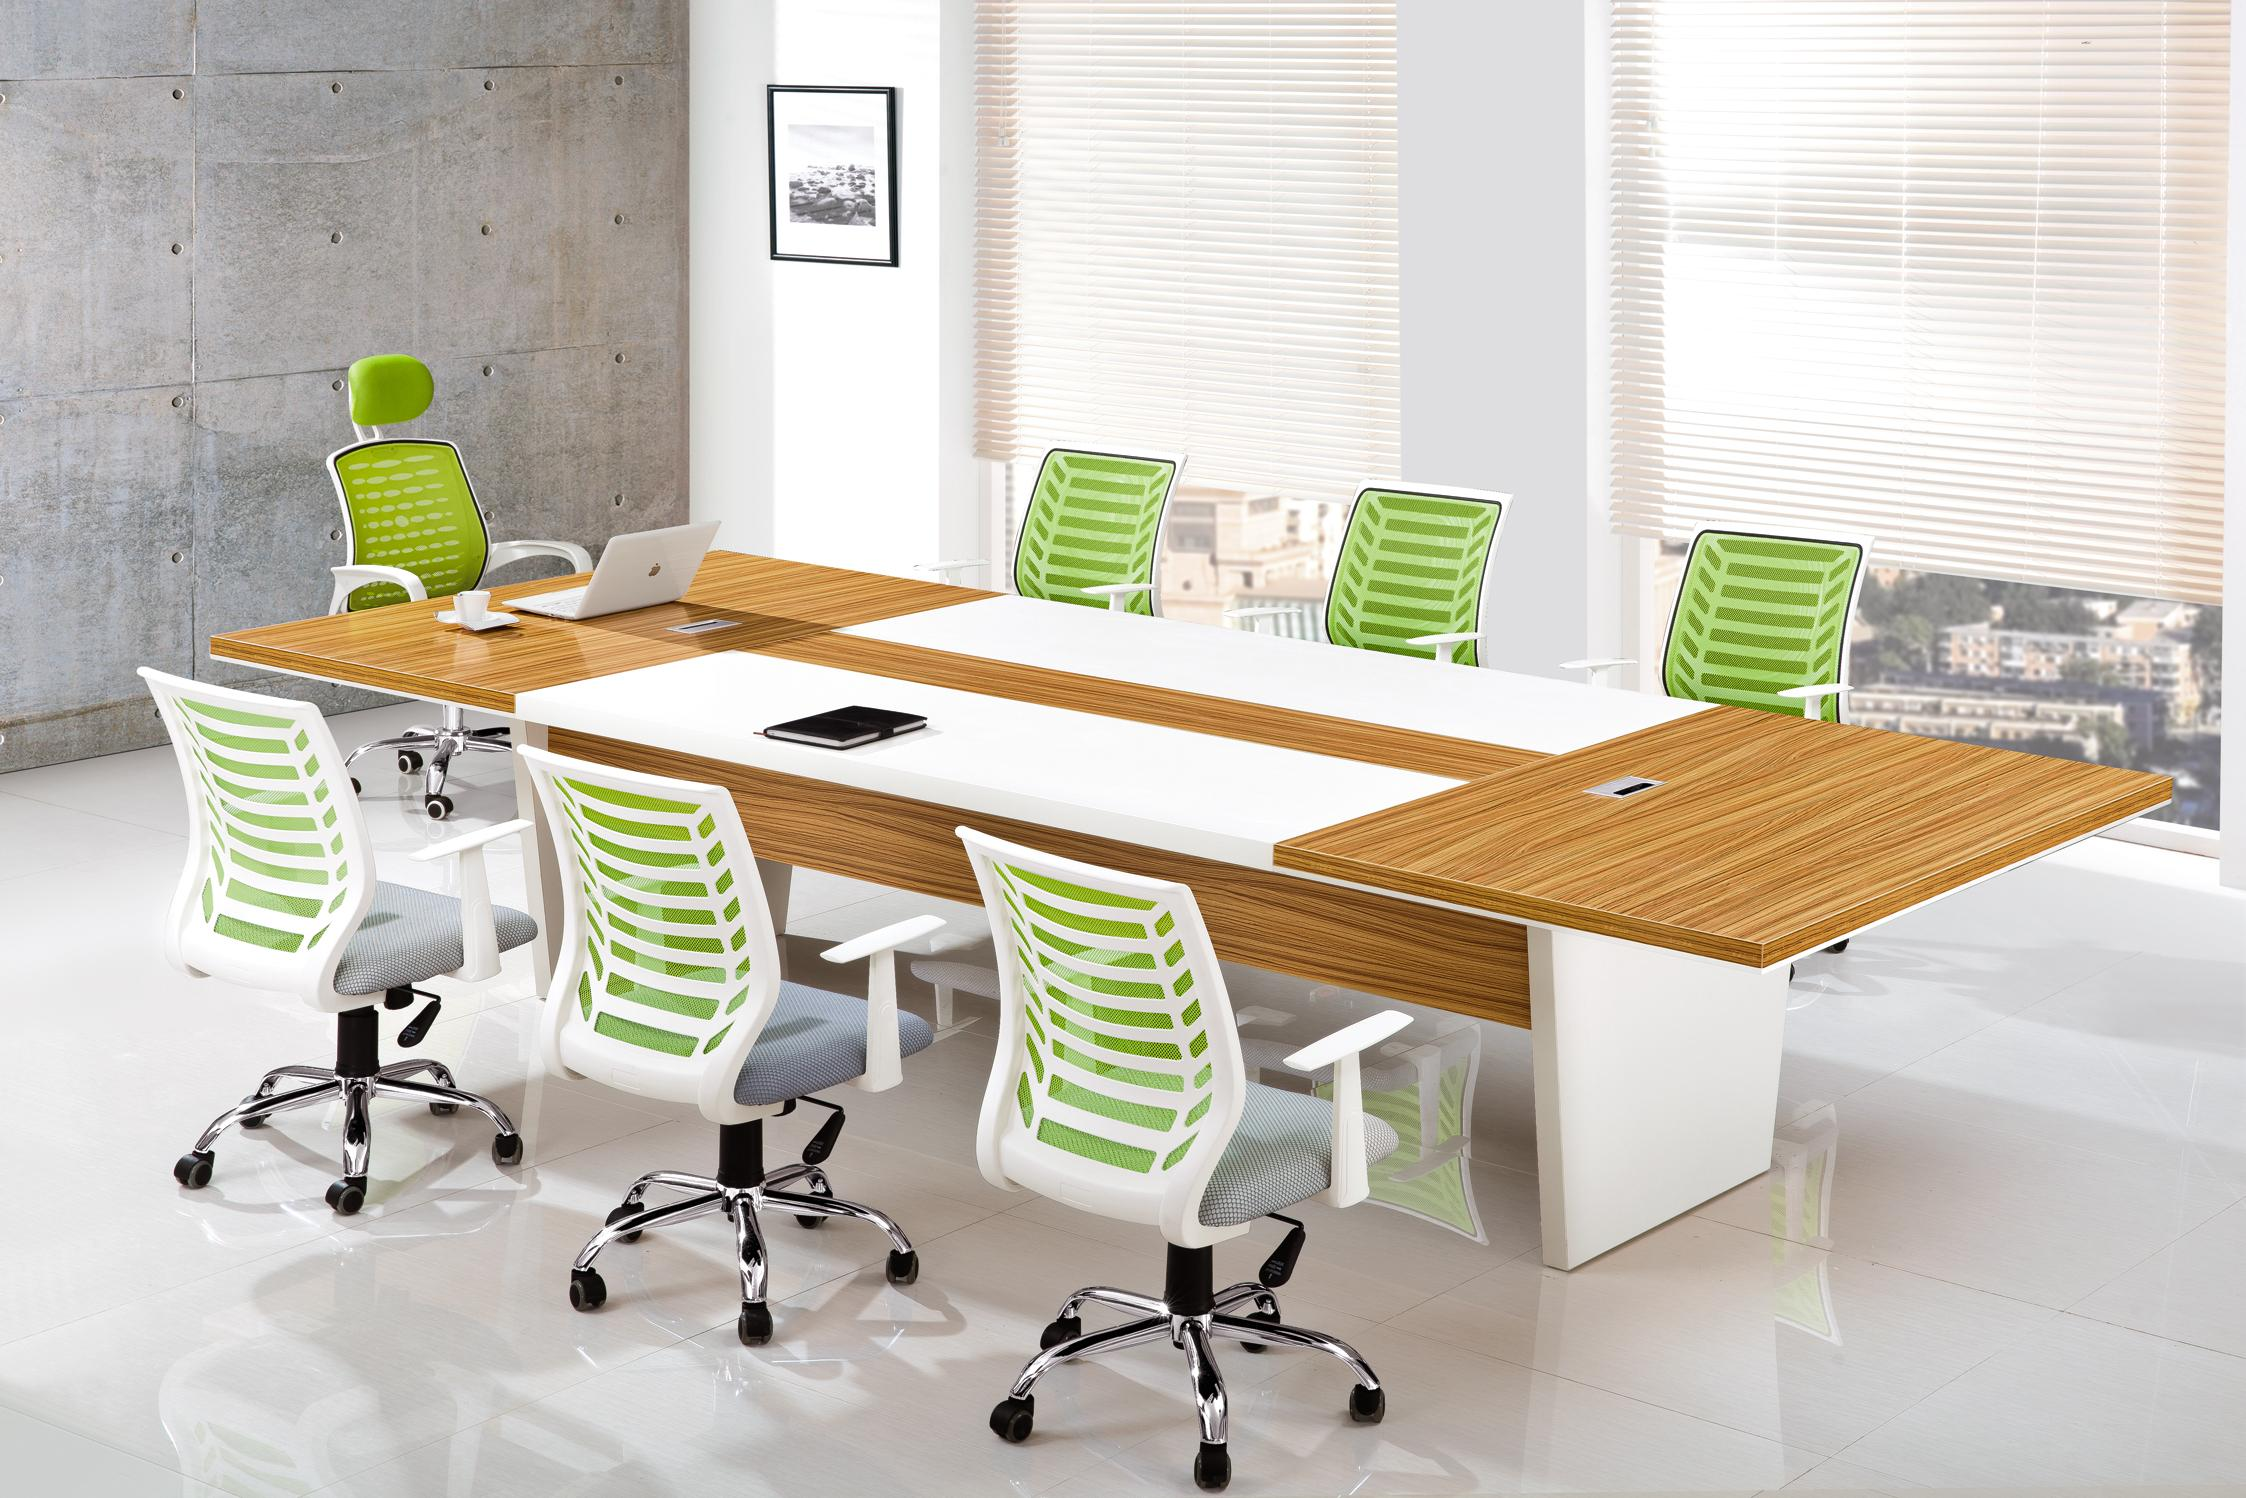 东莞厚街森旺家具厂家建议:购买会议桌有哪些注意?